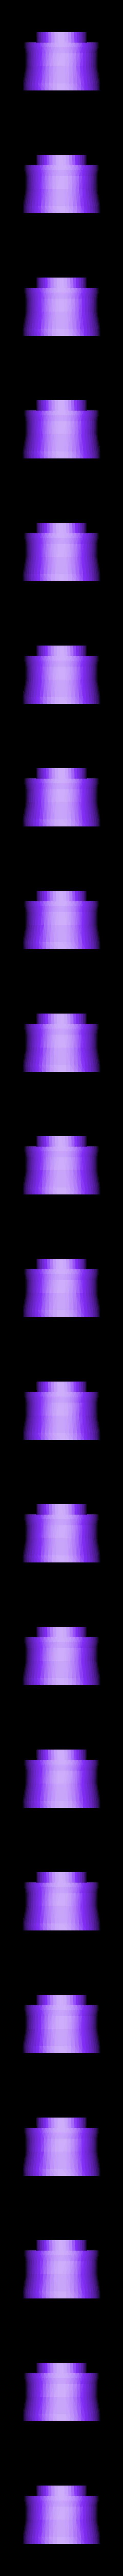 from rubber.STL Télécharger fichier STL gratuit Bateau de bain avec distributeur de savon • Plan imprimable en 3D, jaazasja